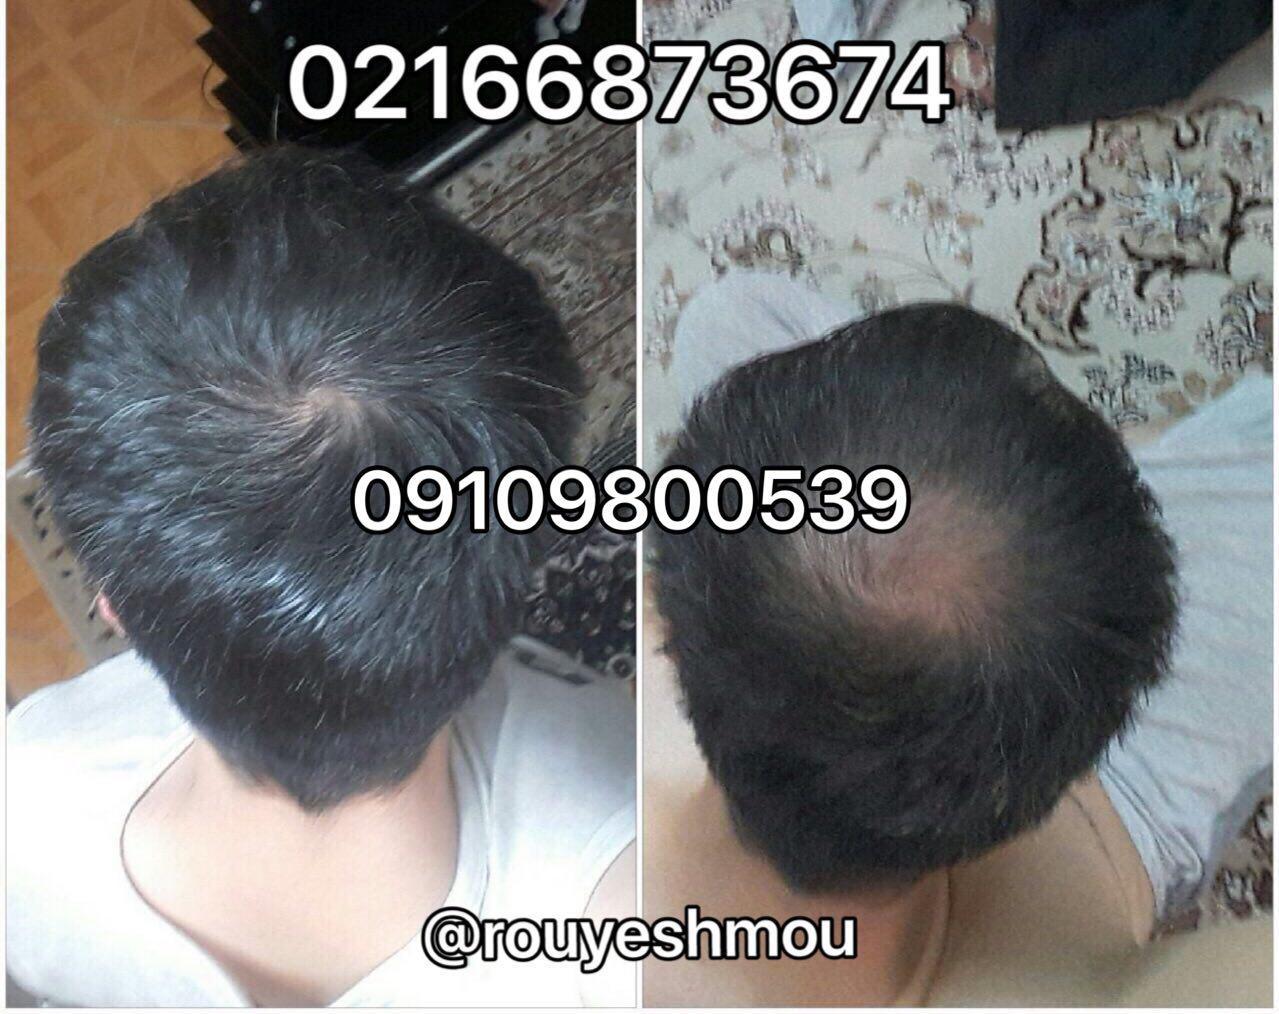 بهترین قرص رشد سریع موی سر